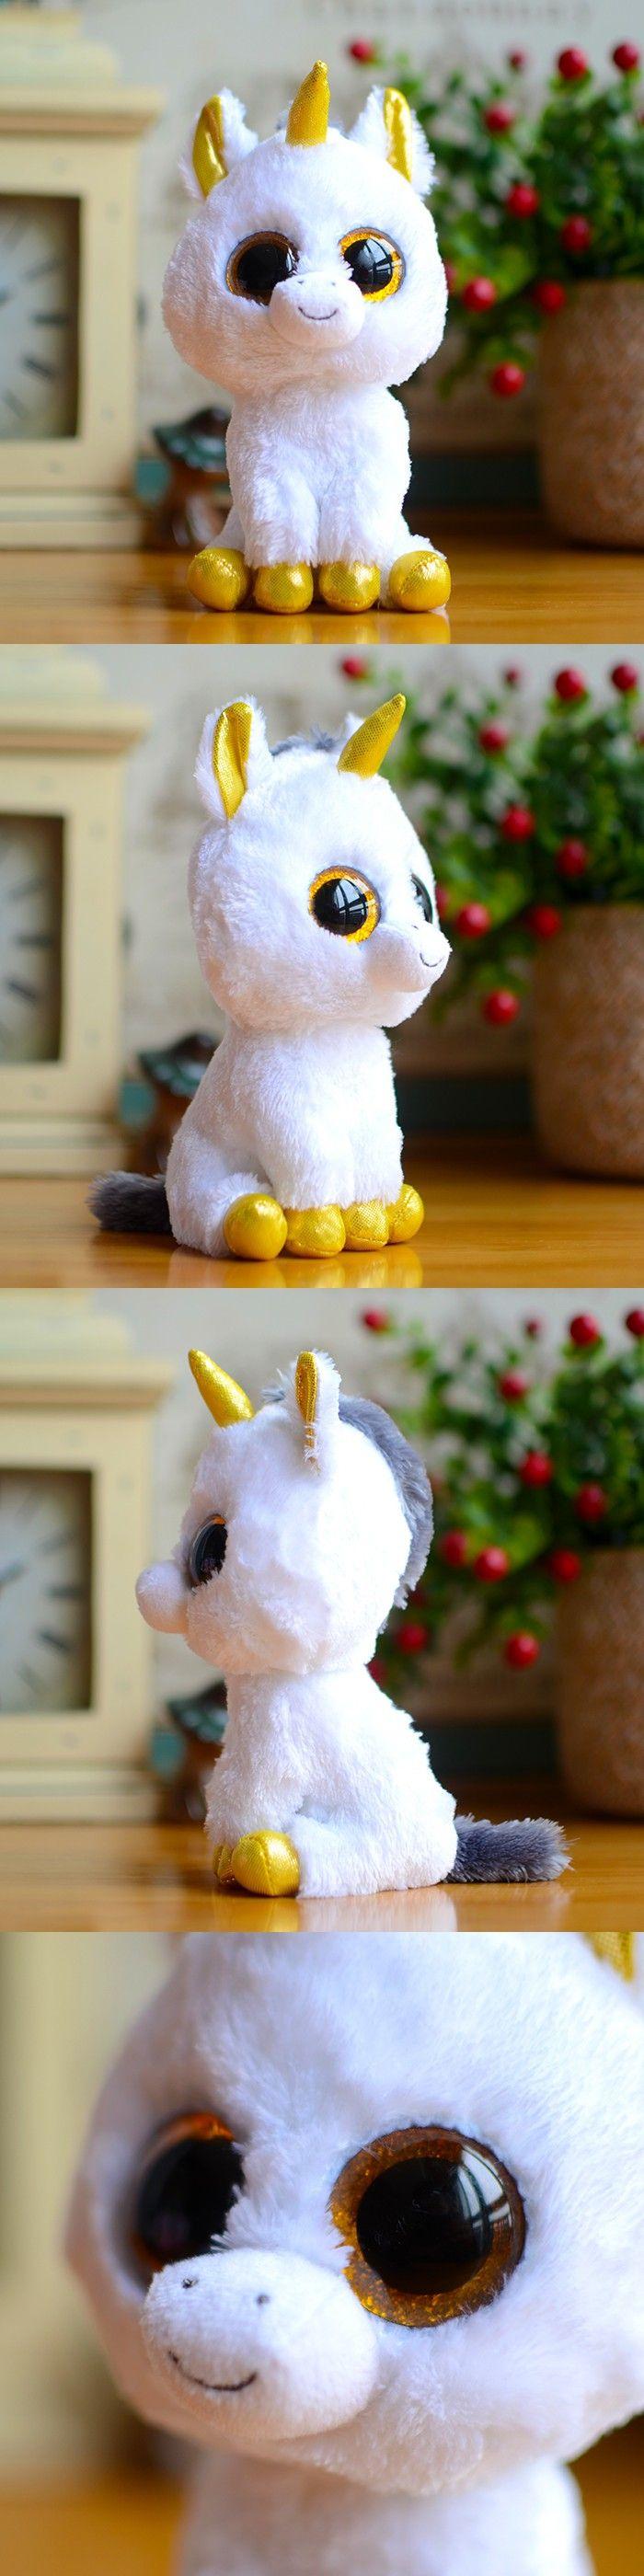 Ty Beanie Boos Kids Plush Toys Big Eyes White Unicorn